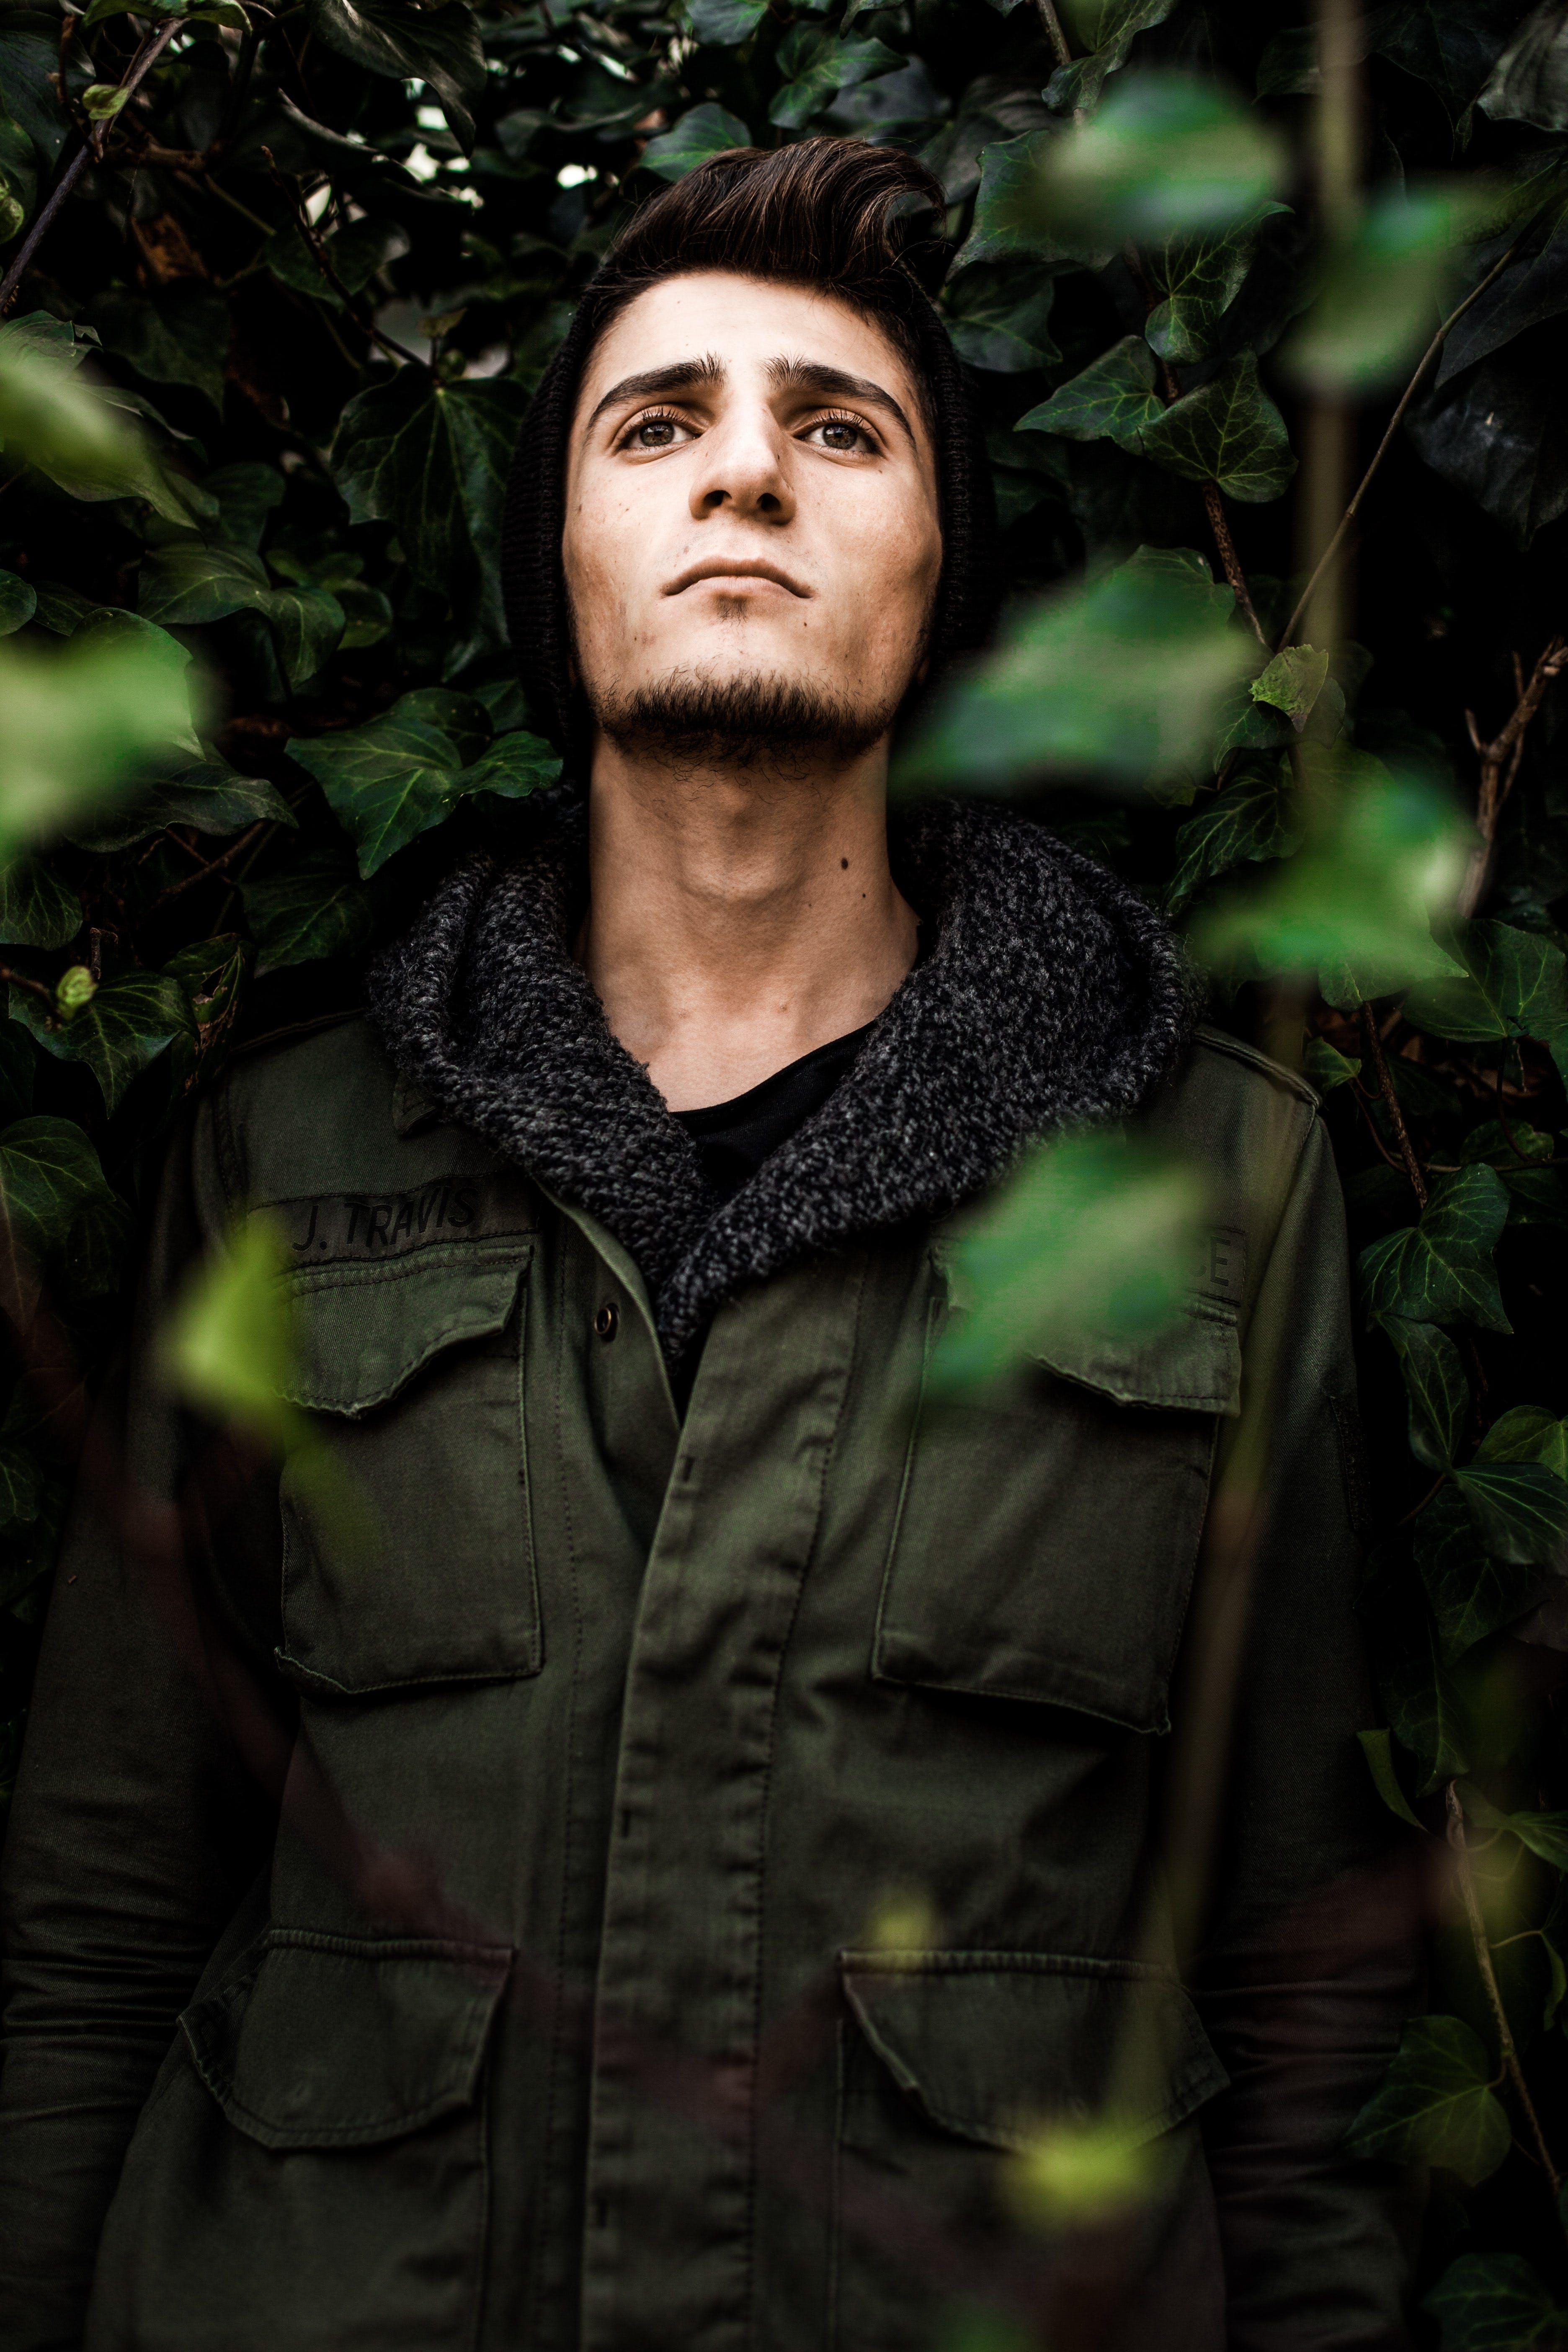 Man in Green Jacket Standing Outdoor